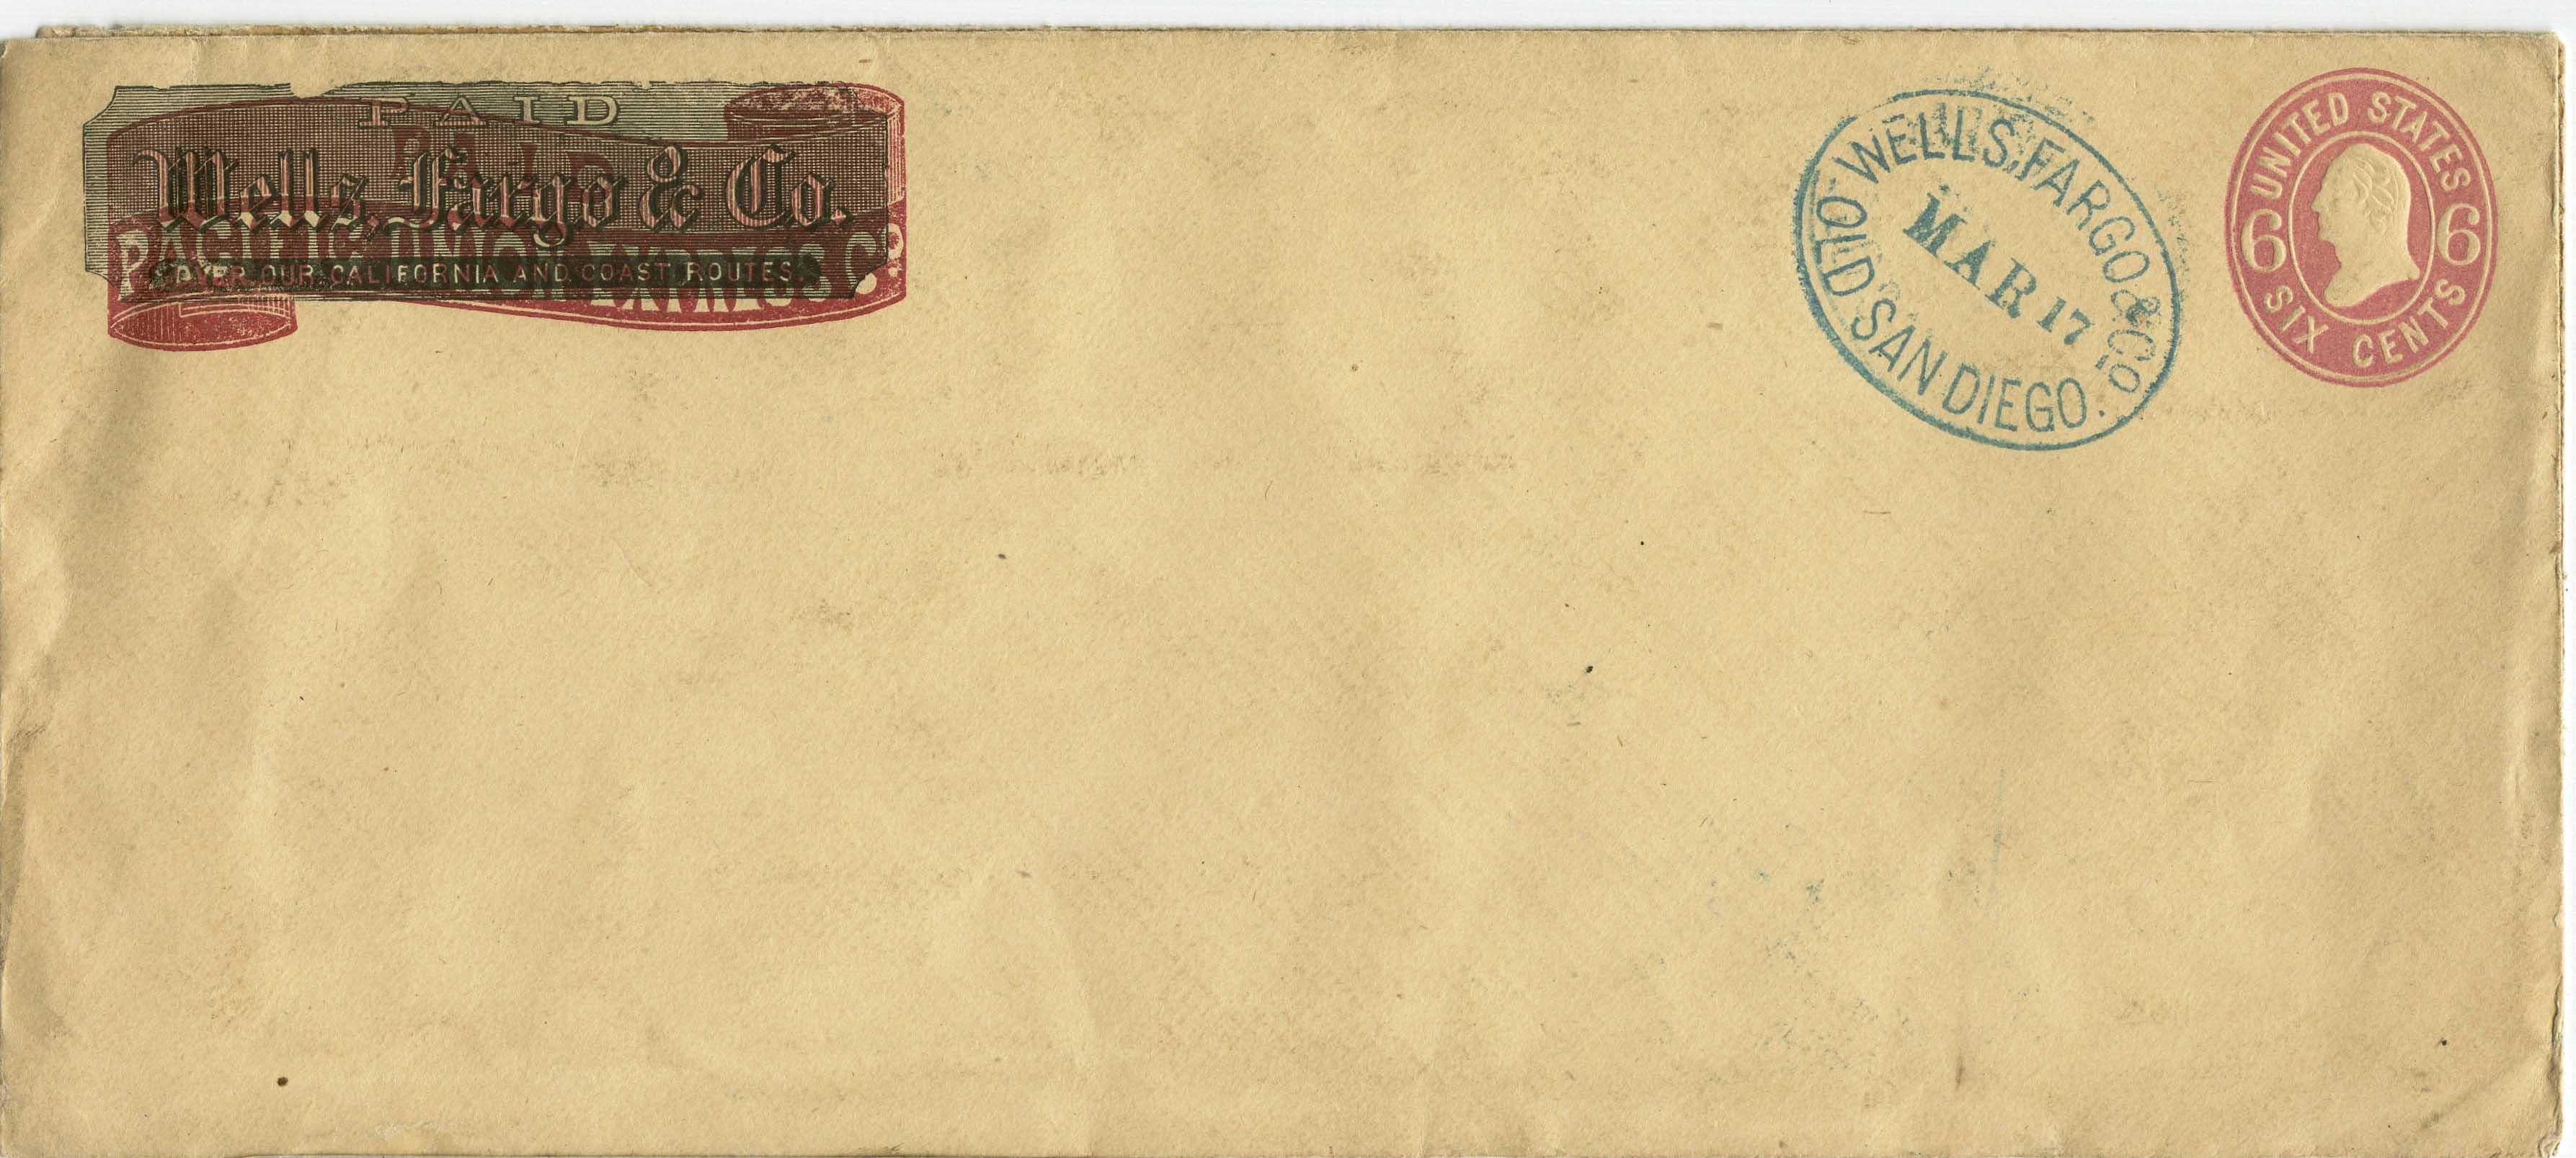 WC13024 OLD SAN DIEGO, CA 11 9,bl U62